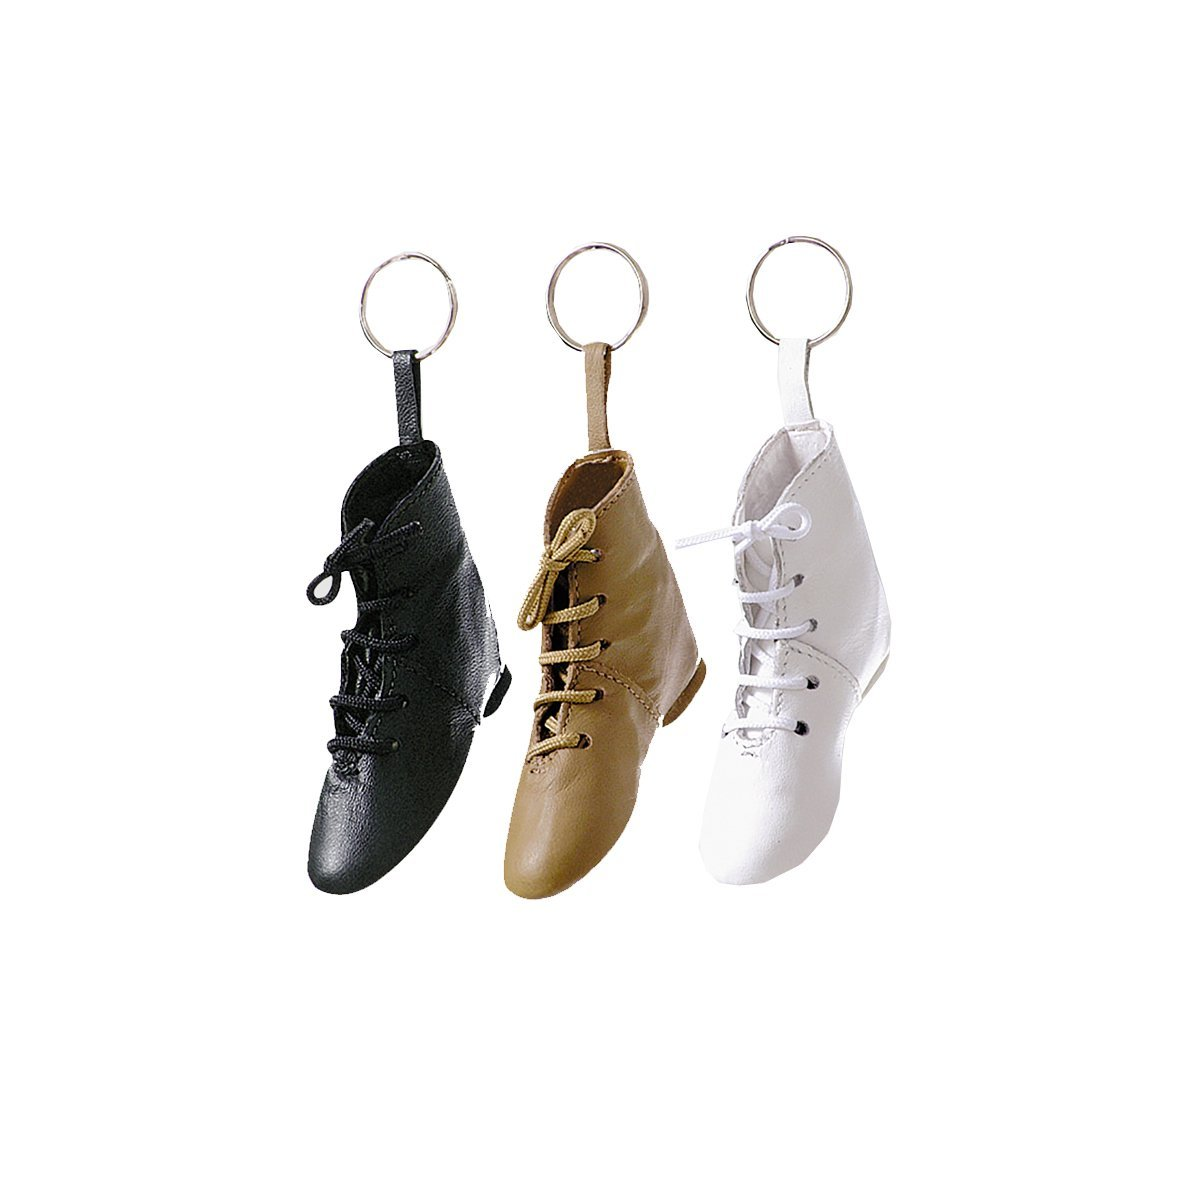 Sodanca Mini Jazz Boot Key Ring